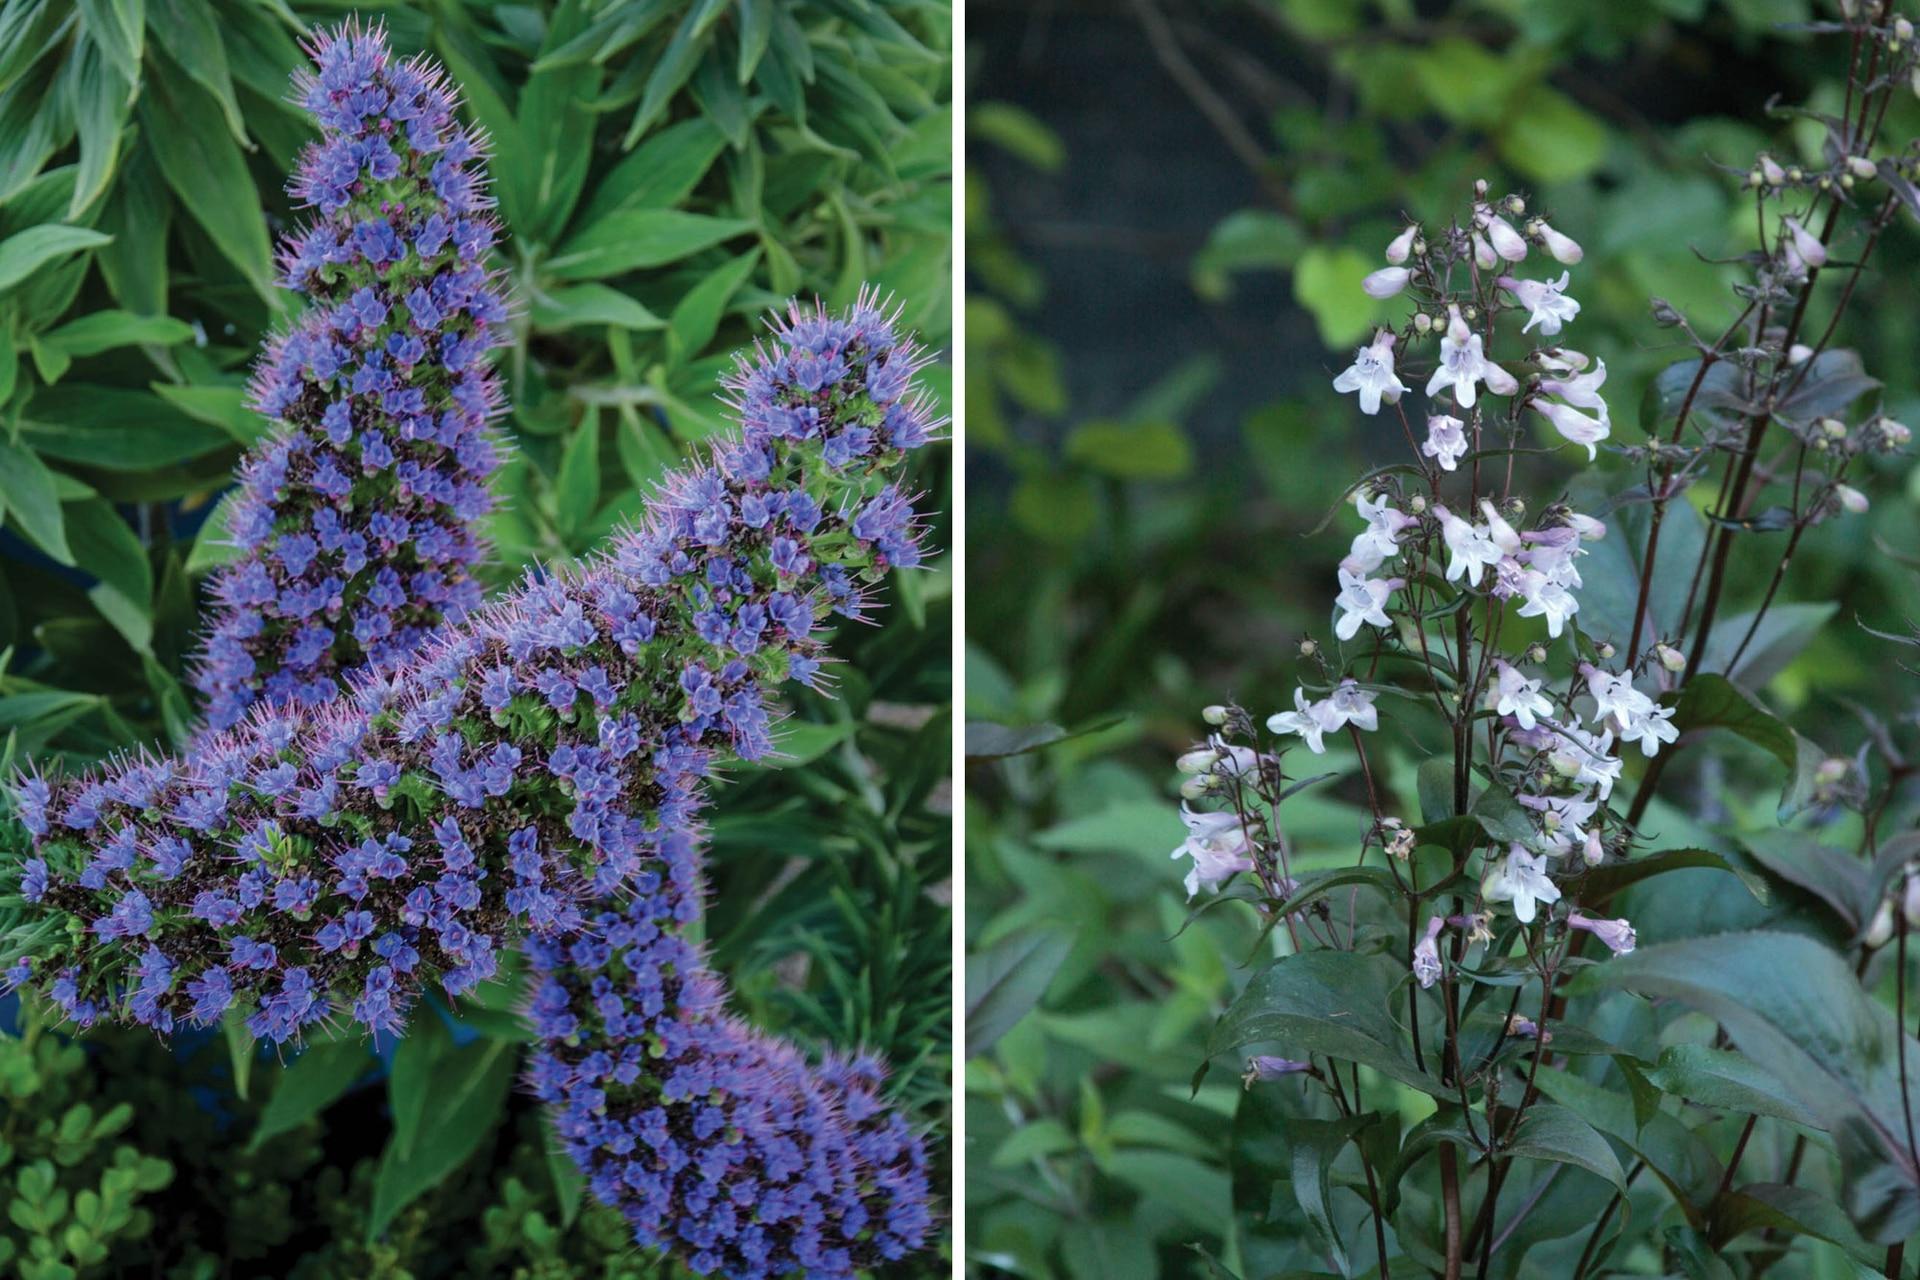 Izquierda: Echium candicans, una planta que alcanza los 1,80 metros y tiene una floración espectacular. Derecha: Penstemon digitalis 'Husker Red', con sus flores entre blancos y lilas.